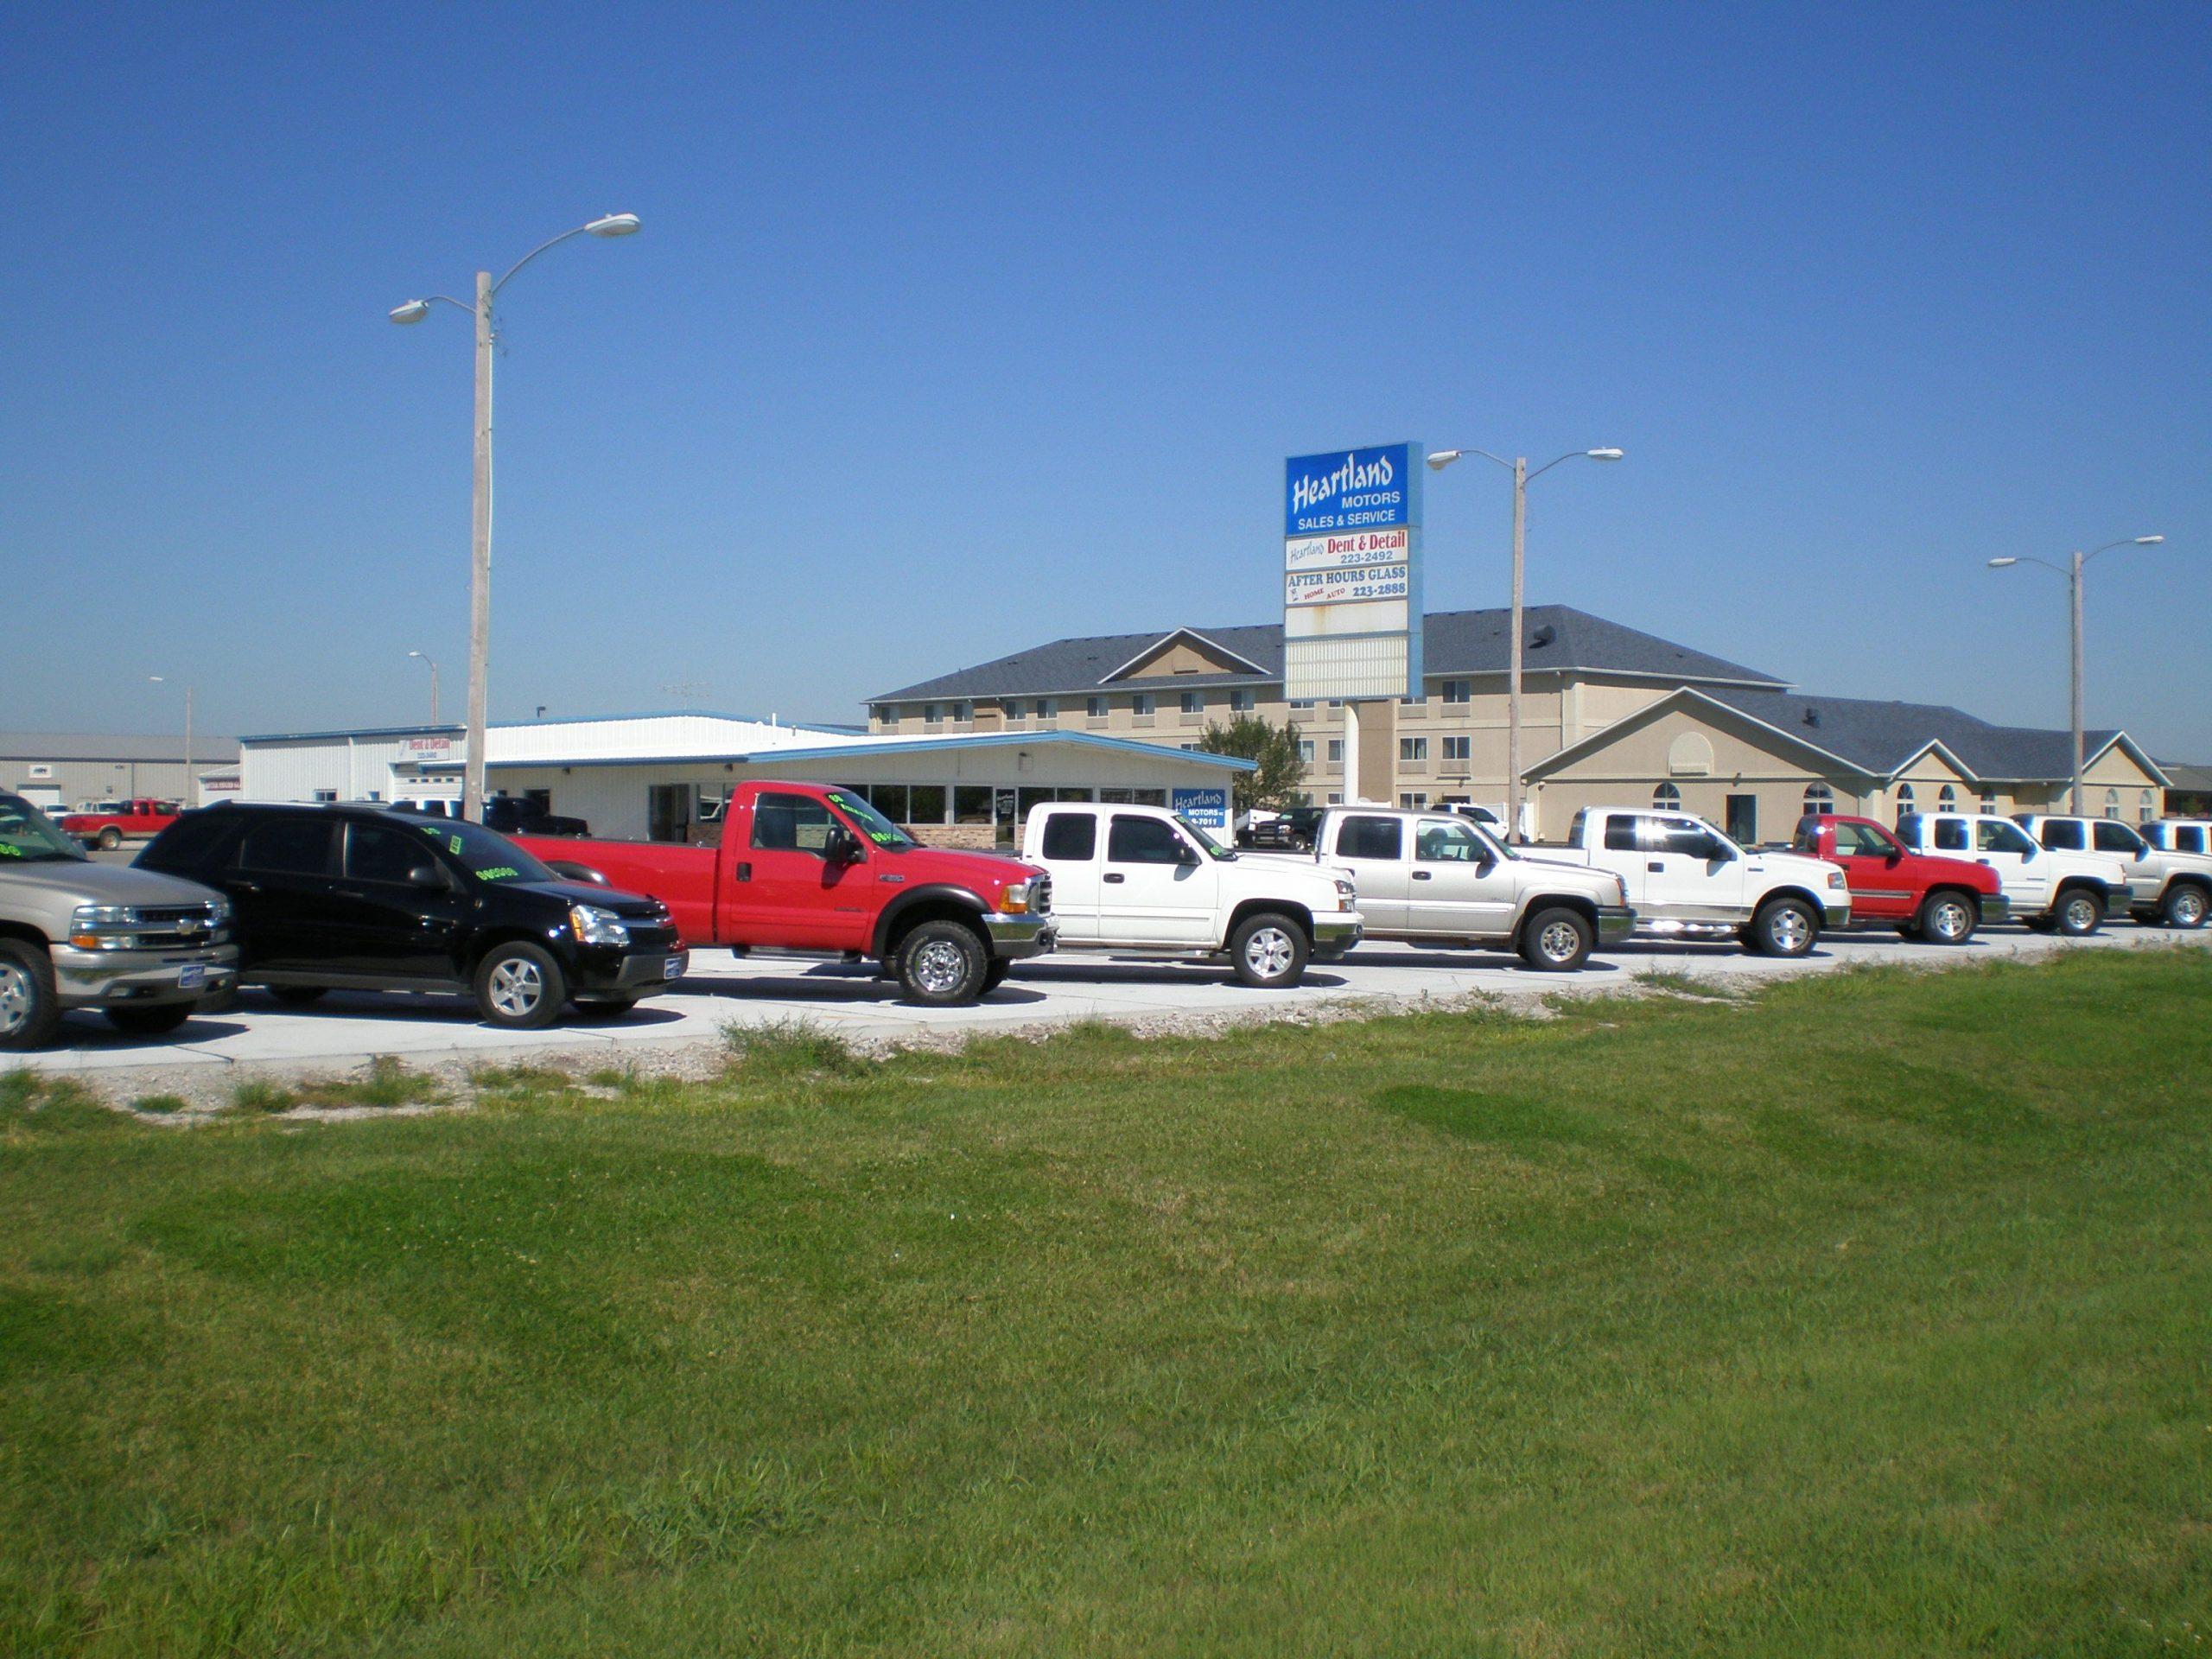 Heartland Motors